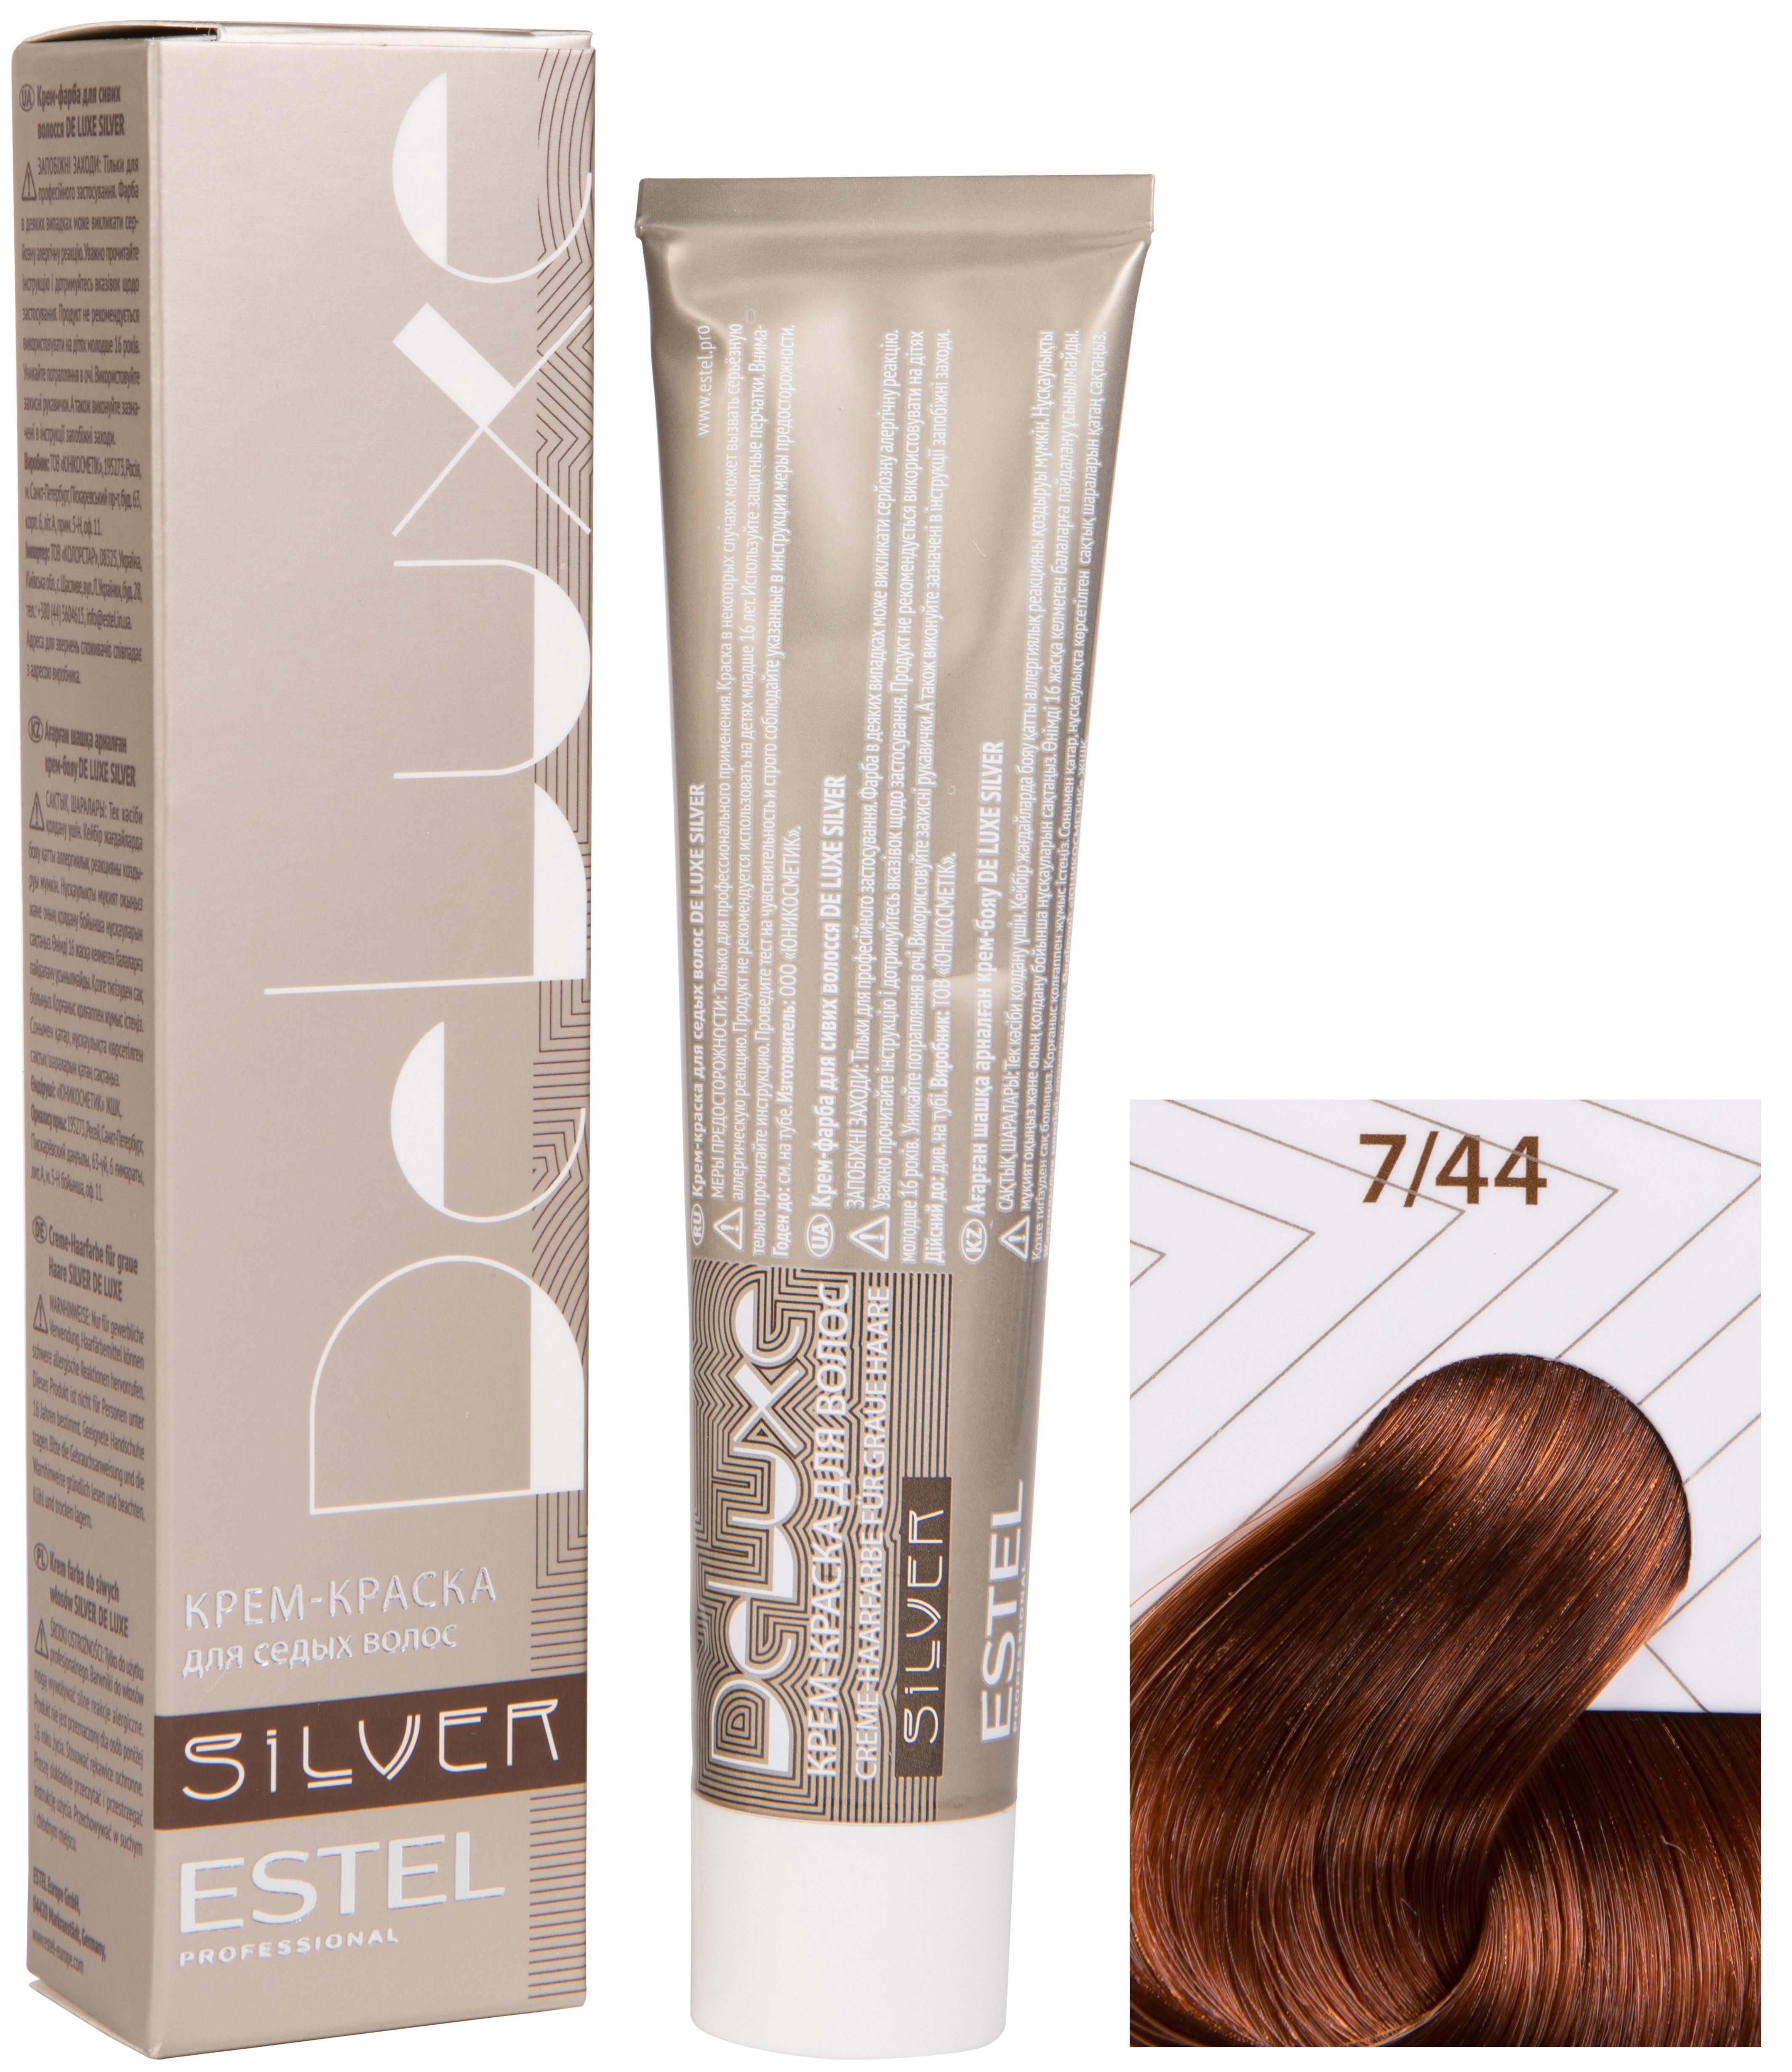 Краска для волос ESTEL PROFESSIONAL 7/44 краска-уход DE LUXE SILVER для окрашивания волос, русый медный интенсивный 60 мл